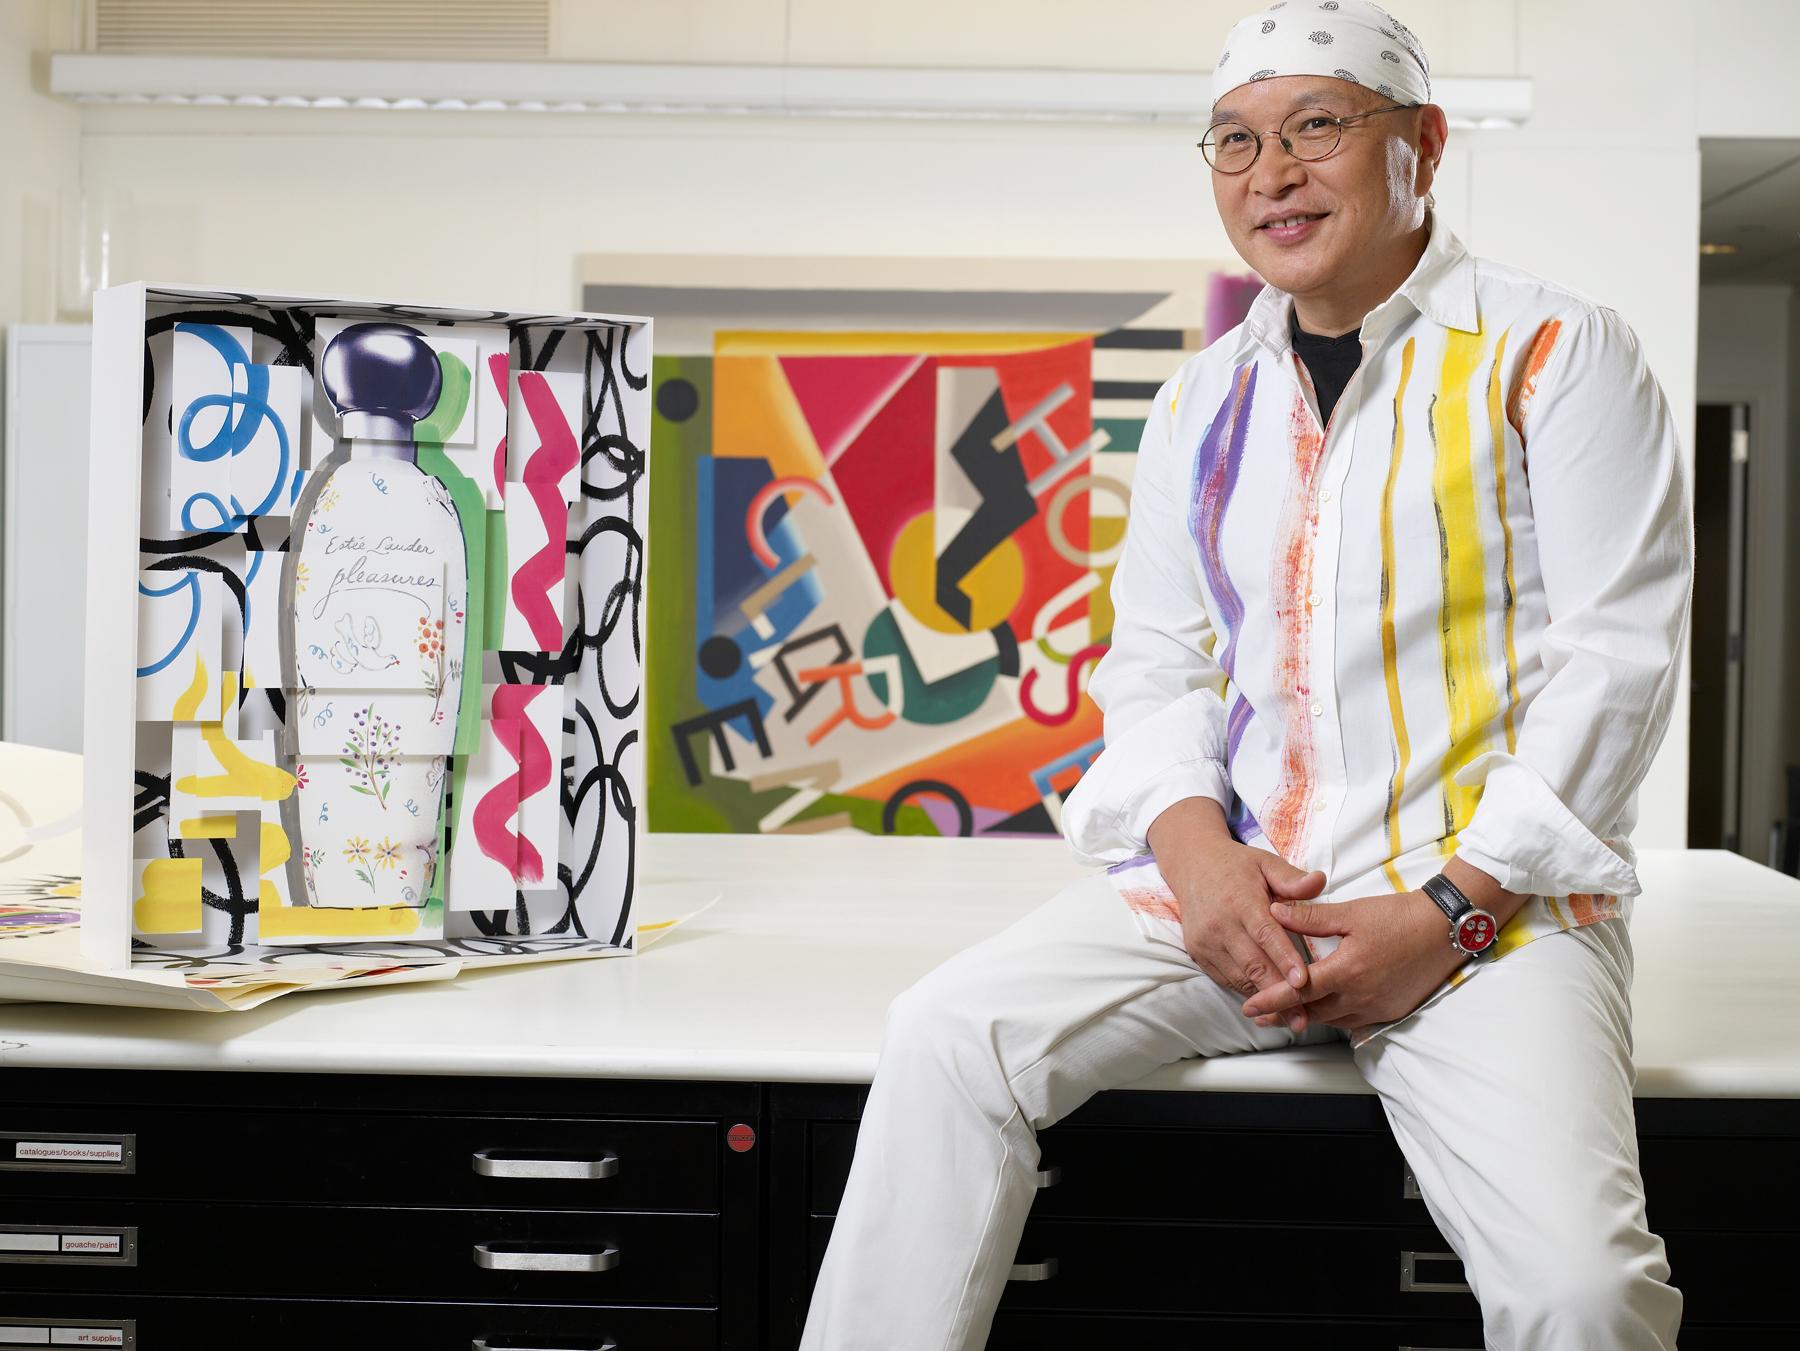 Kazumi Yoshida